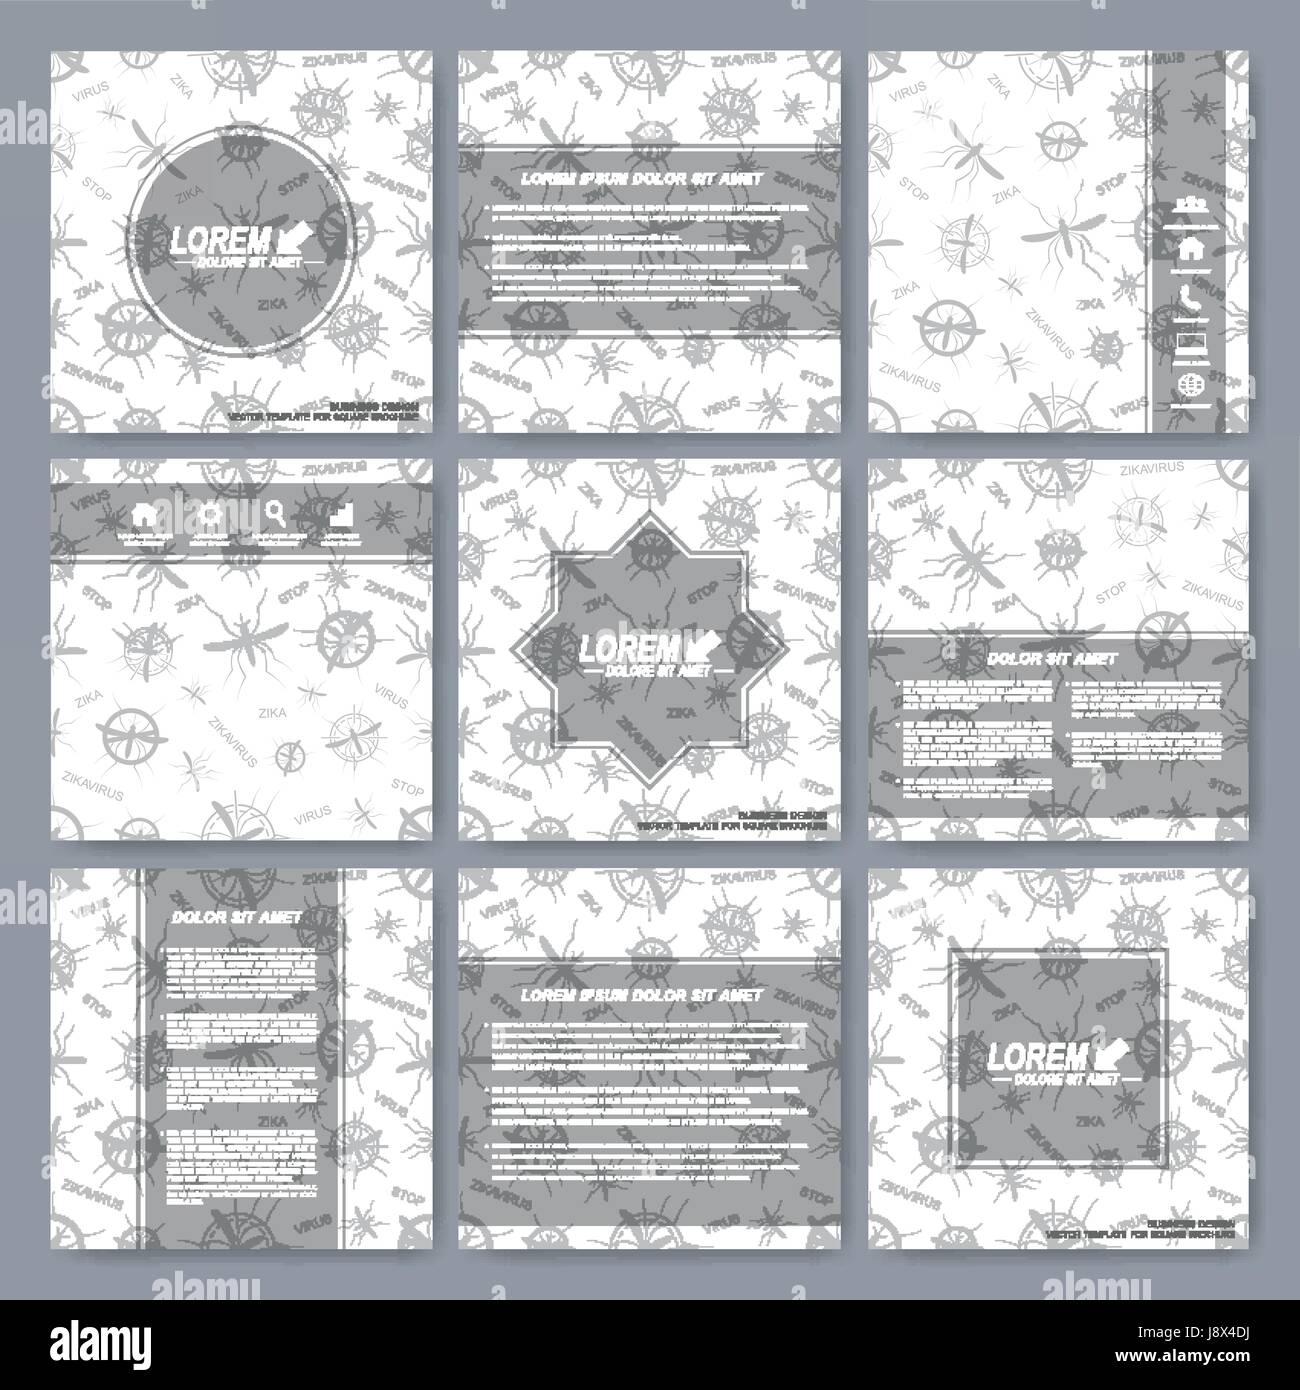 Moderne Vektor Vorlagen für Broschüre, Broschüre, Flyer, cover, Magazin oder jährlichen Bericht. Stockbild